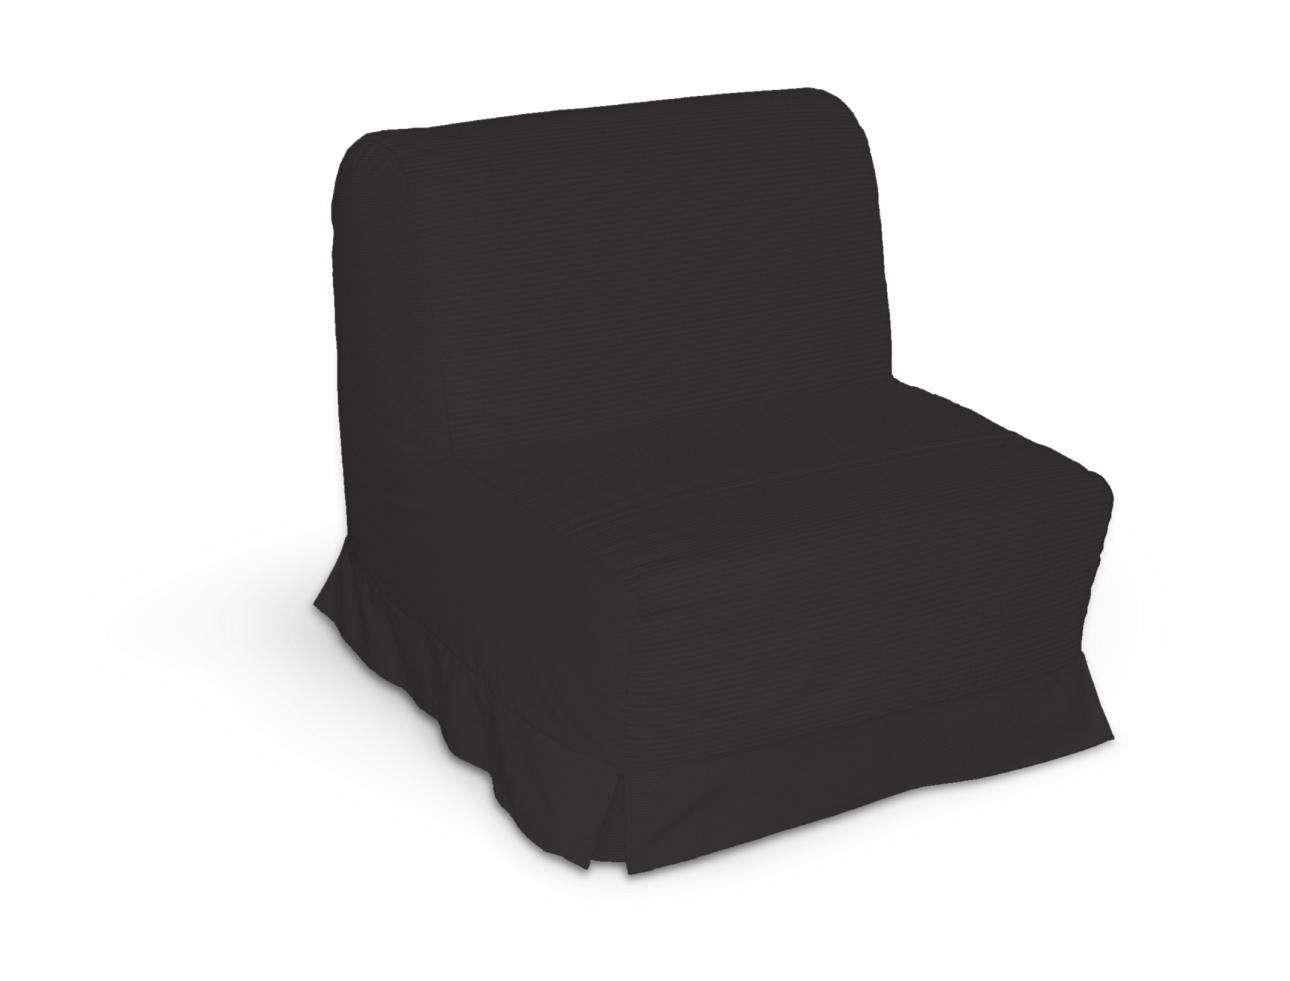 Pokrowiec na fotel Lycksele z kontrafałdami sofa Lycksele 1os. w kolekcji Cotton Panama, tkanina: 702-08